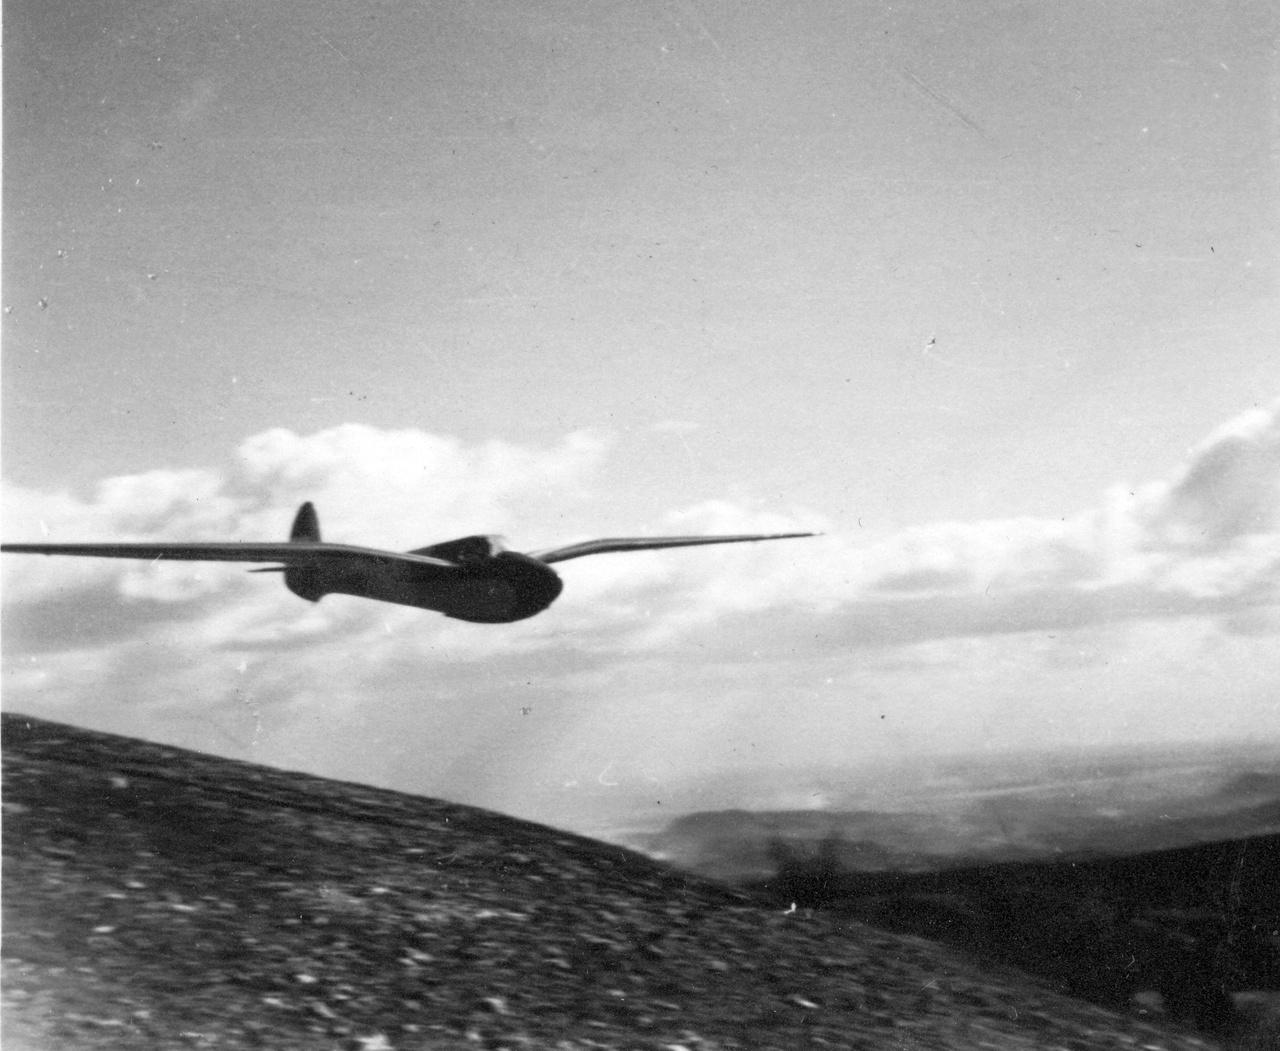 Egy Jancsó-Szokolay M-22 vitorlázó repülőgép a Hármashatár-hegyen 1940-ben.                         Kicsit rátartok jobbra, és, és, és ahelyett, hogy süllyednék, csak emelkedek, emelkedek. Mama, repülök! Papa, ne haragudj, tudom, nem örültél amikor elkezdtem lejárni a MOVE-ba, de egyszerűen muszáj volt repülnöm, muszáj! Nem érted, de ha most itt lennél, mégis értenéd, hogy semmi, semmi, semmi ehhez fogható nincs! Mondta is tavaly a Karakán avatásakor a Gömbös Gyuláné, a miniszterelnök felesége, hogy aki nem repül, sose fogja érteni, miért lehetetlen ezt abbahagyni. Mennyire igaza van a nagyméltóságú asszonynak!